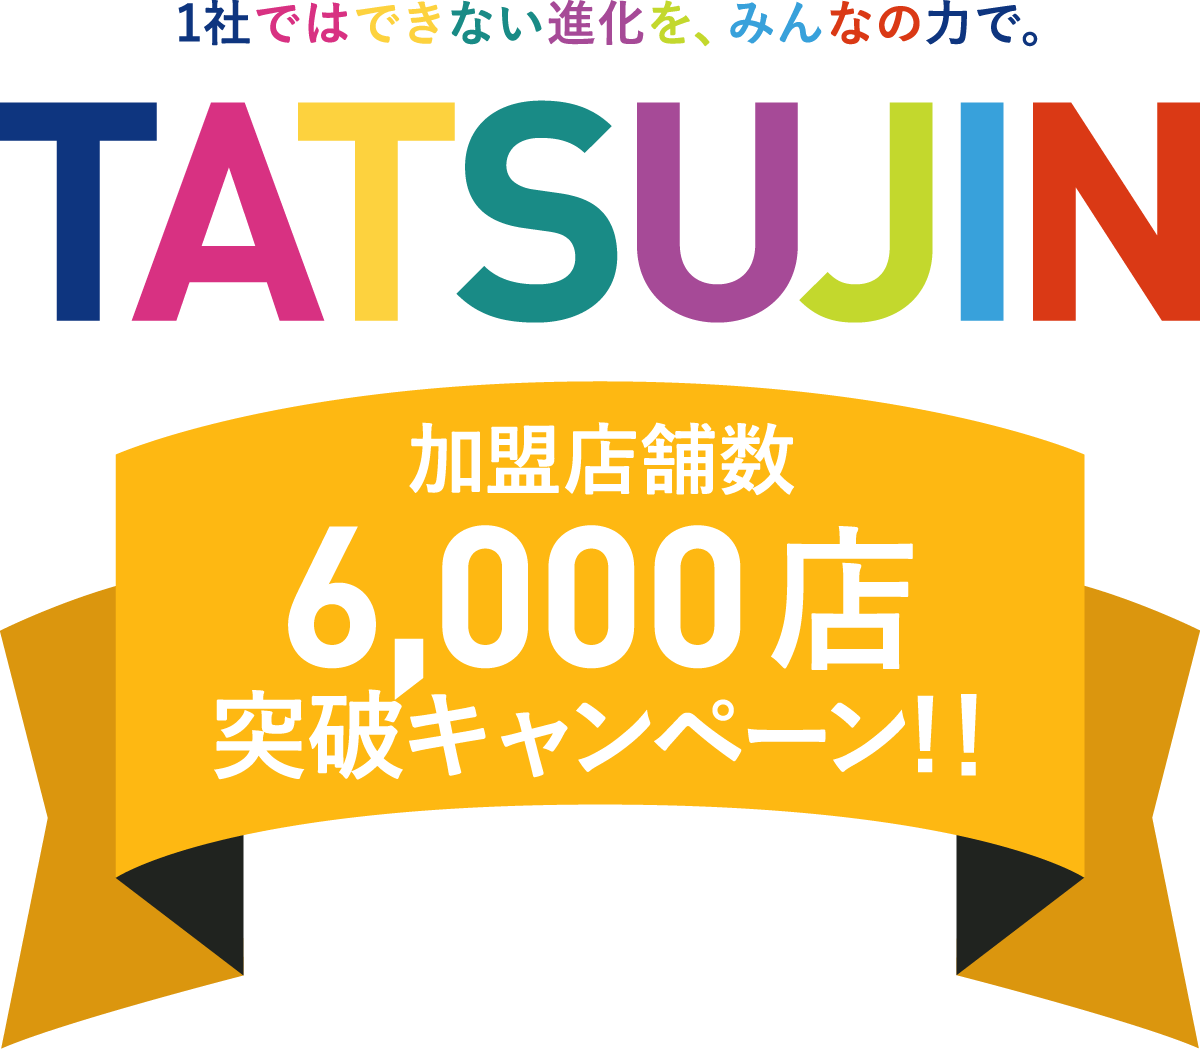 加盟店4,000店突破キャンペーン